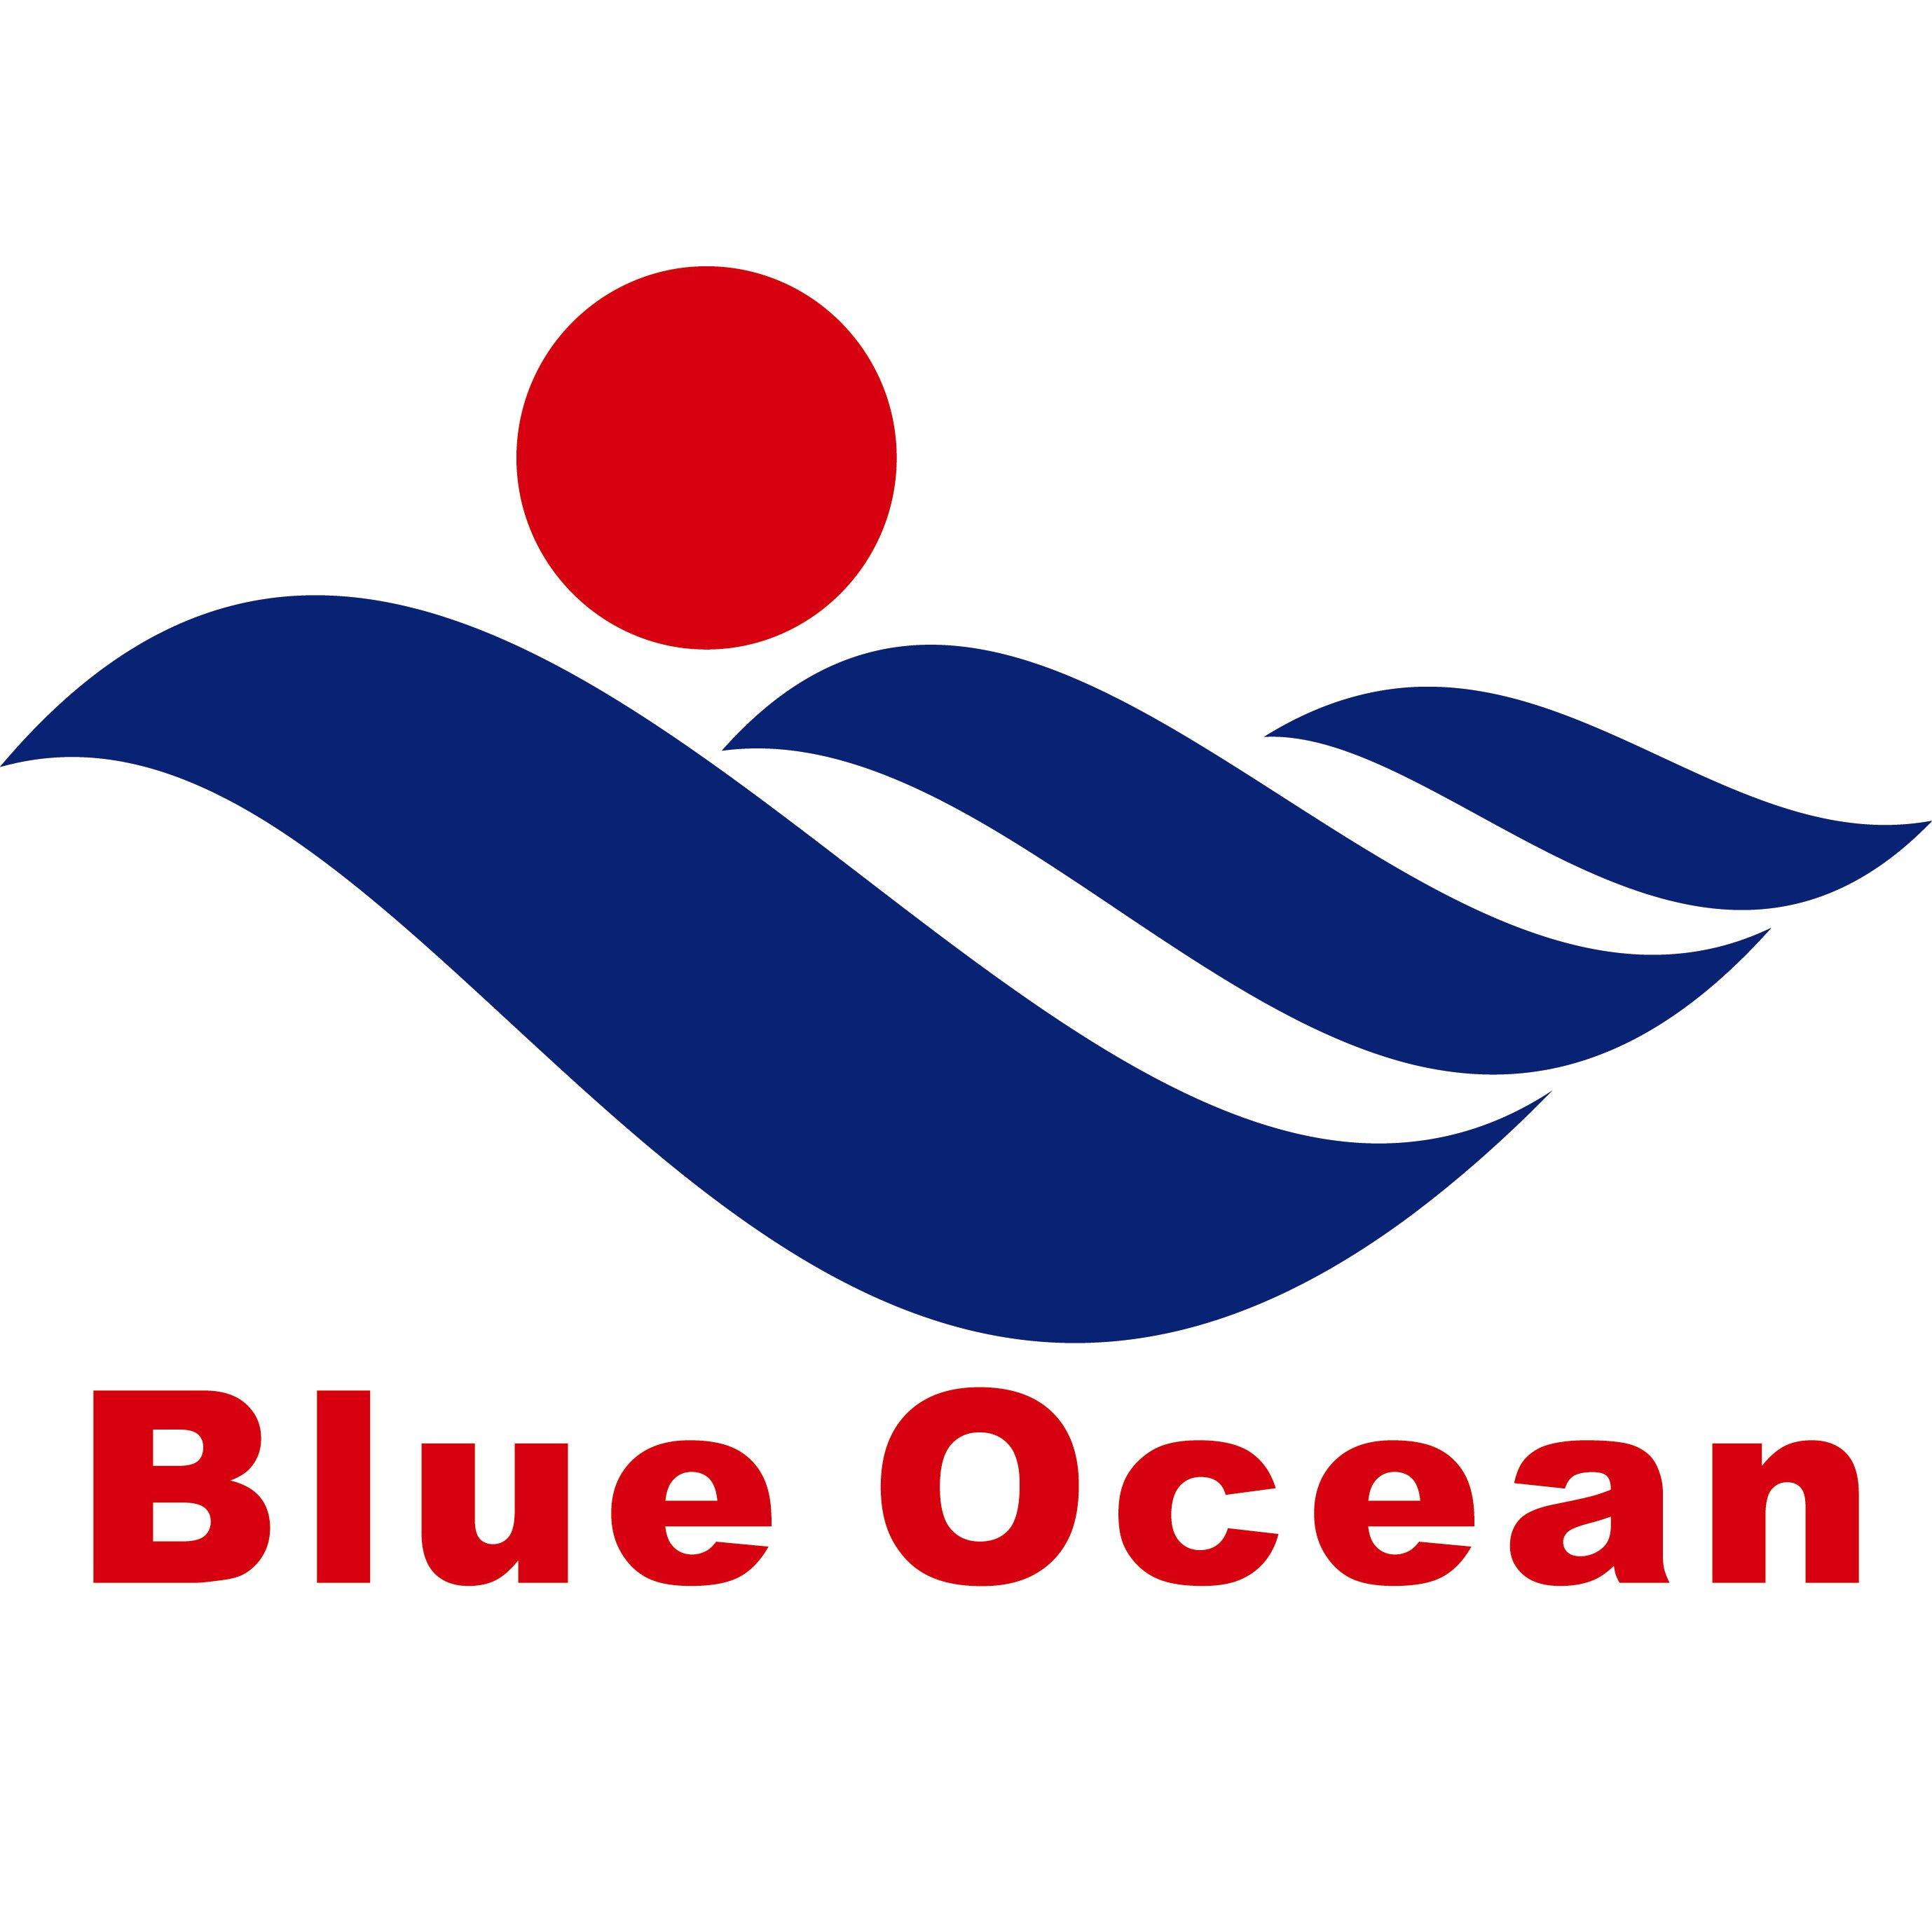 Blue Ocean Group on Twitter: